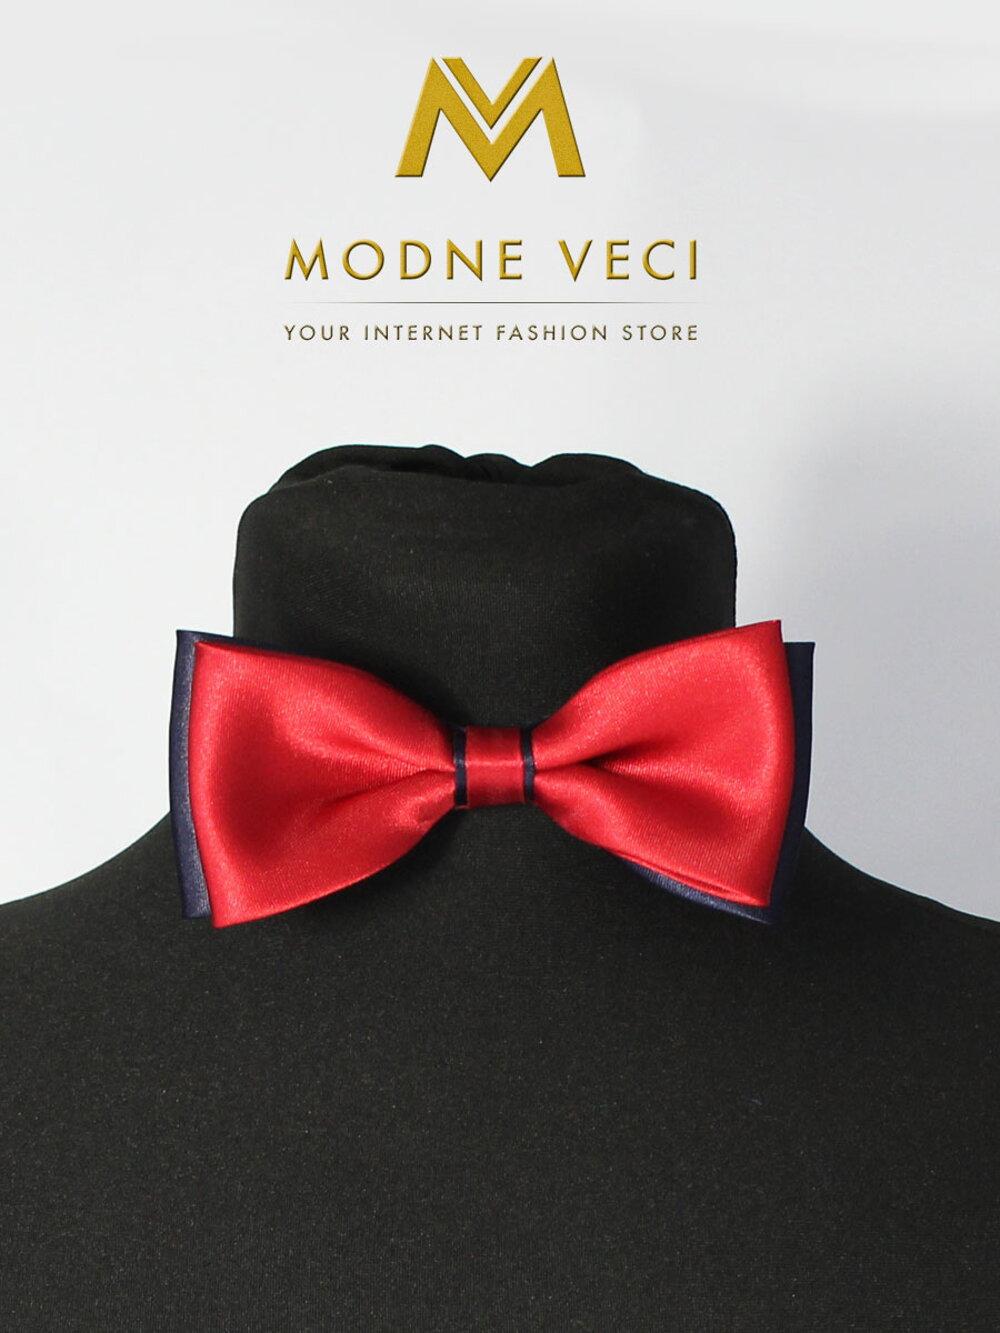 muz, cerveny, modry, kombinovany, motylik, moderny,  kravata, zlta, farebna, zaujimave, zaujimavy, elegantny, na svadbu, krstiny, k satam,